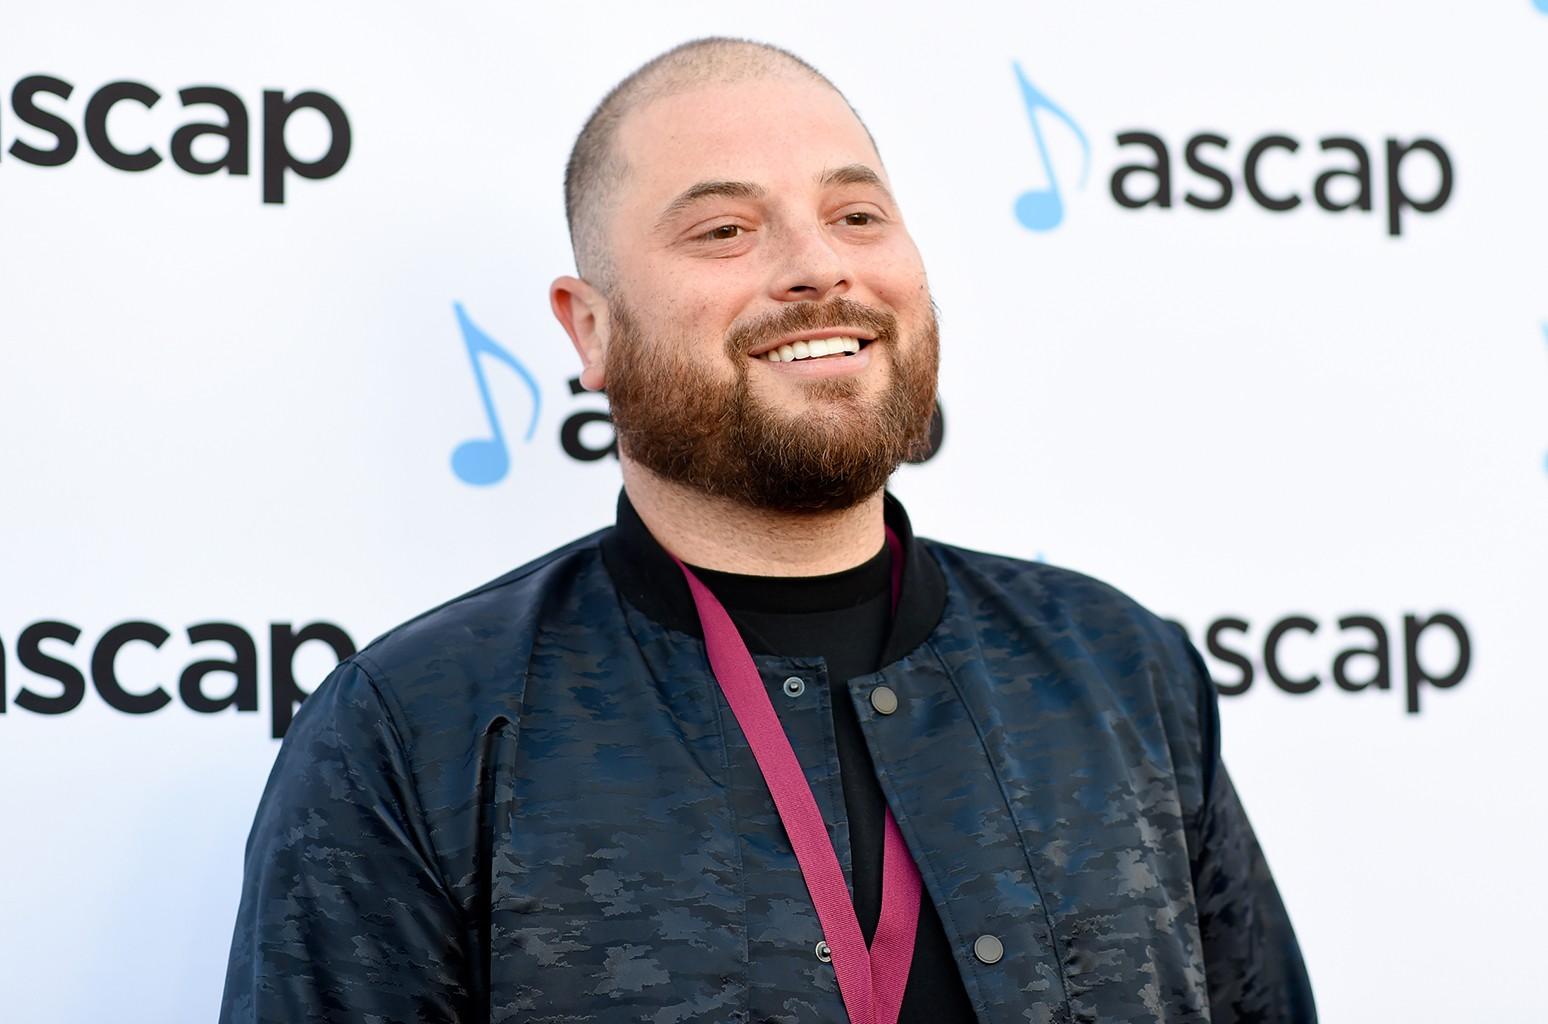 Jacob Kasher Hindlin